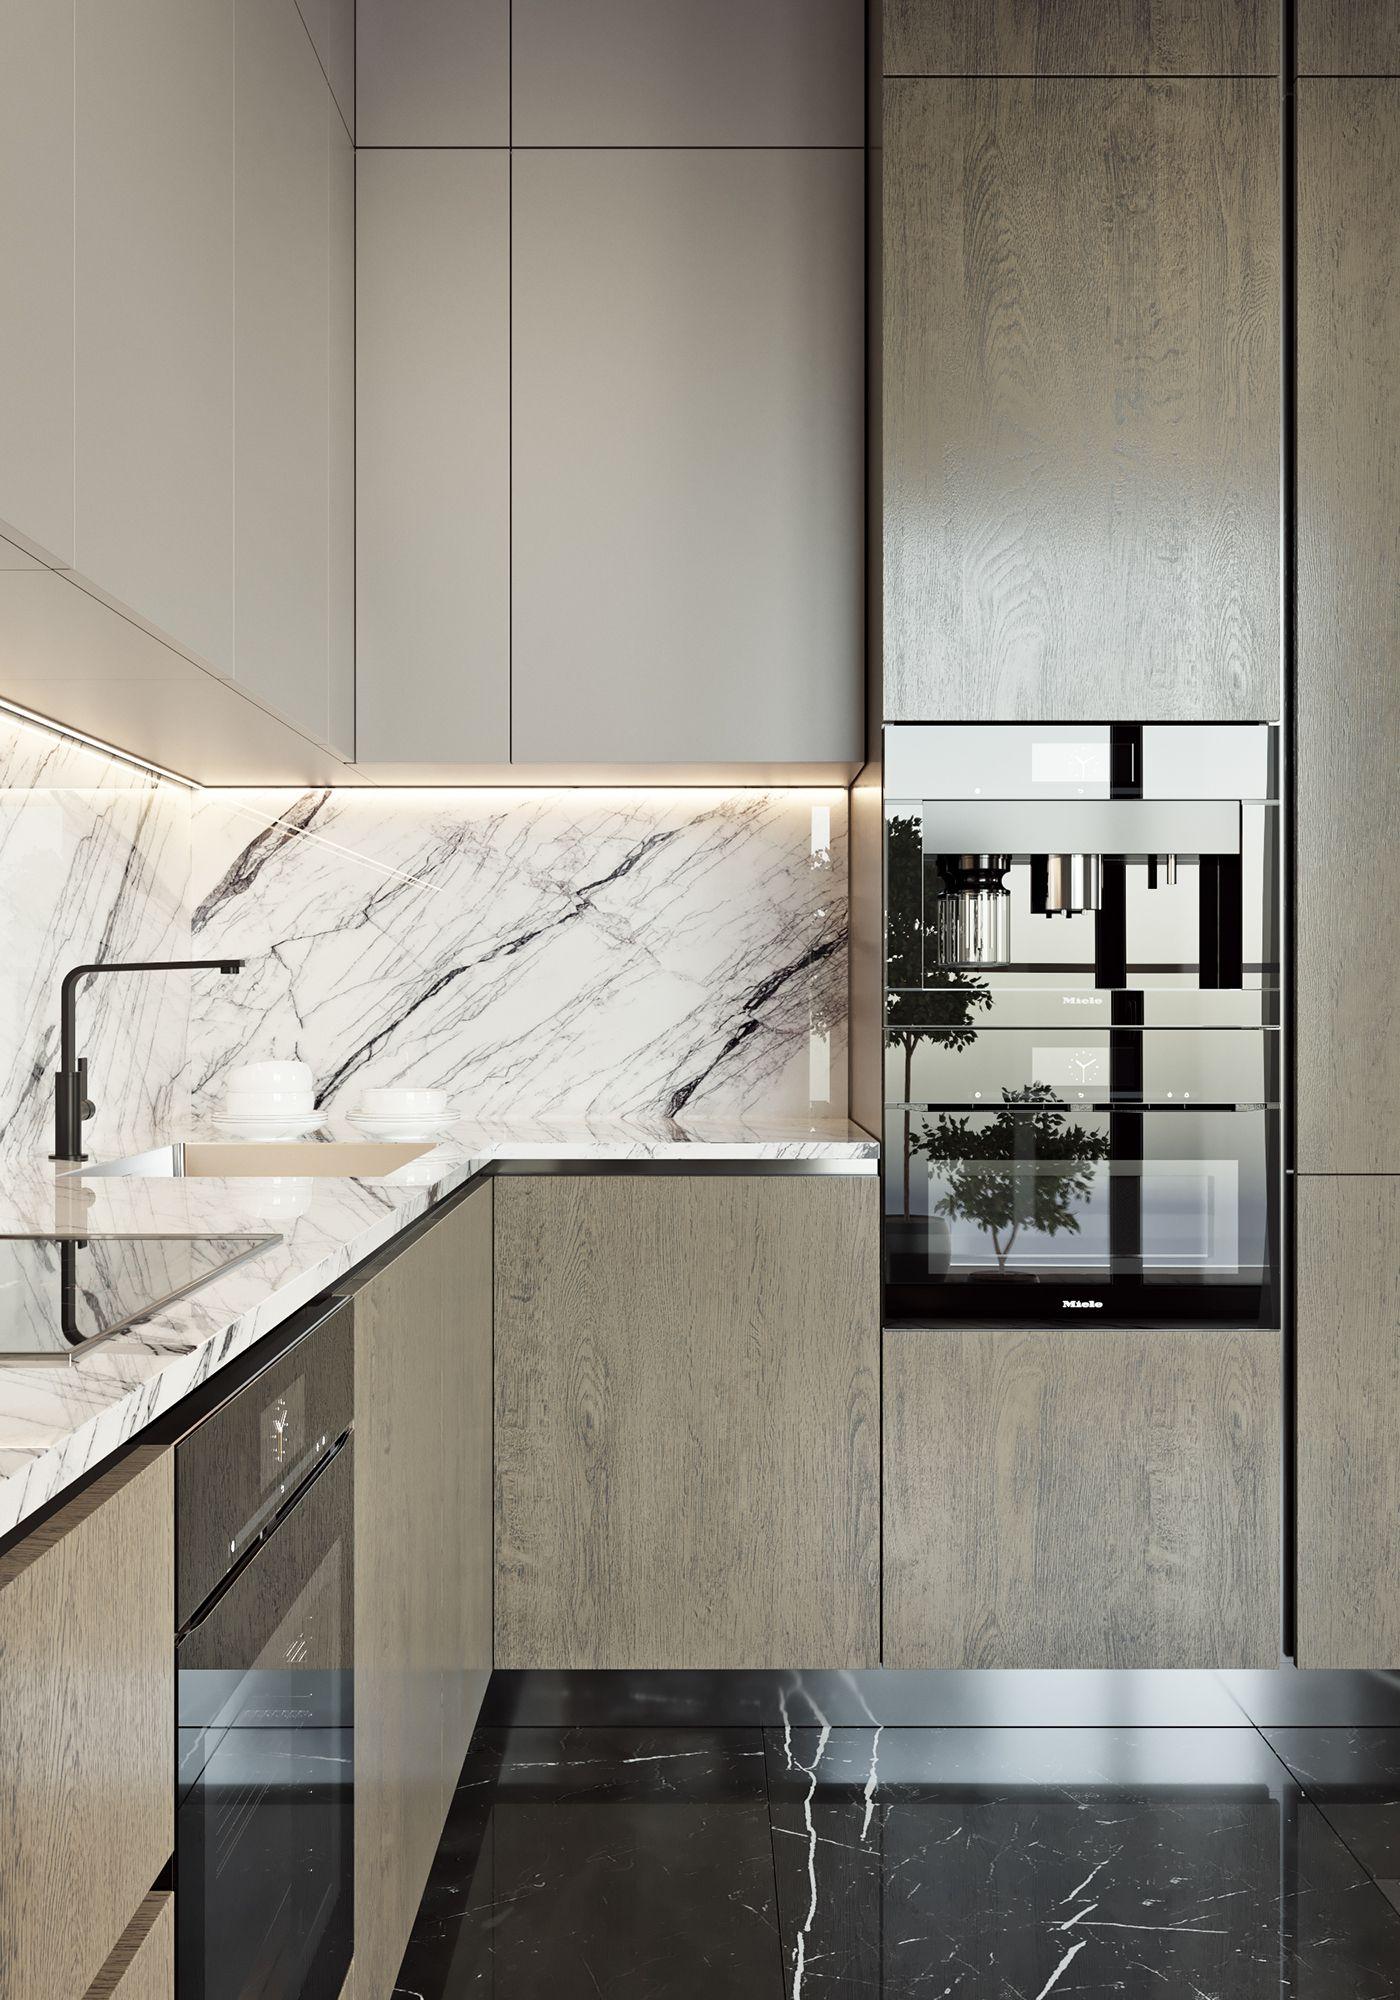 Tol Ko Coffee Apartment In Privelege On Behance Modern Kitchen Cabinet Design Kitchen Decor Apartment Modern Kitchen Design